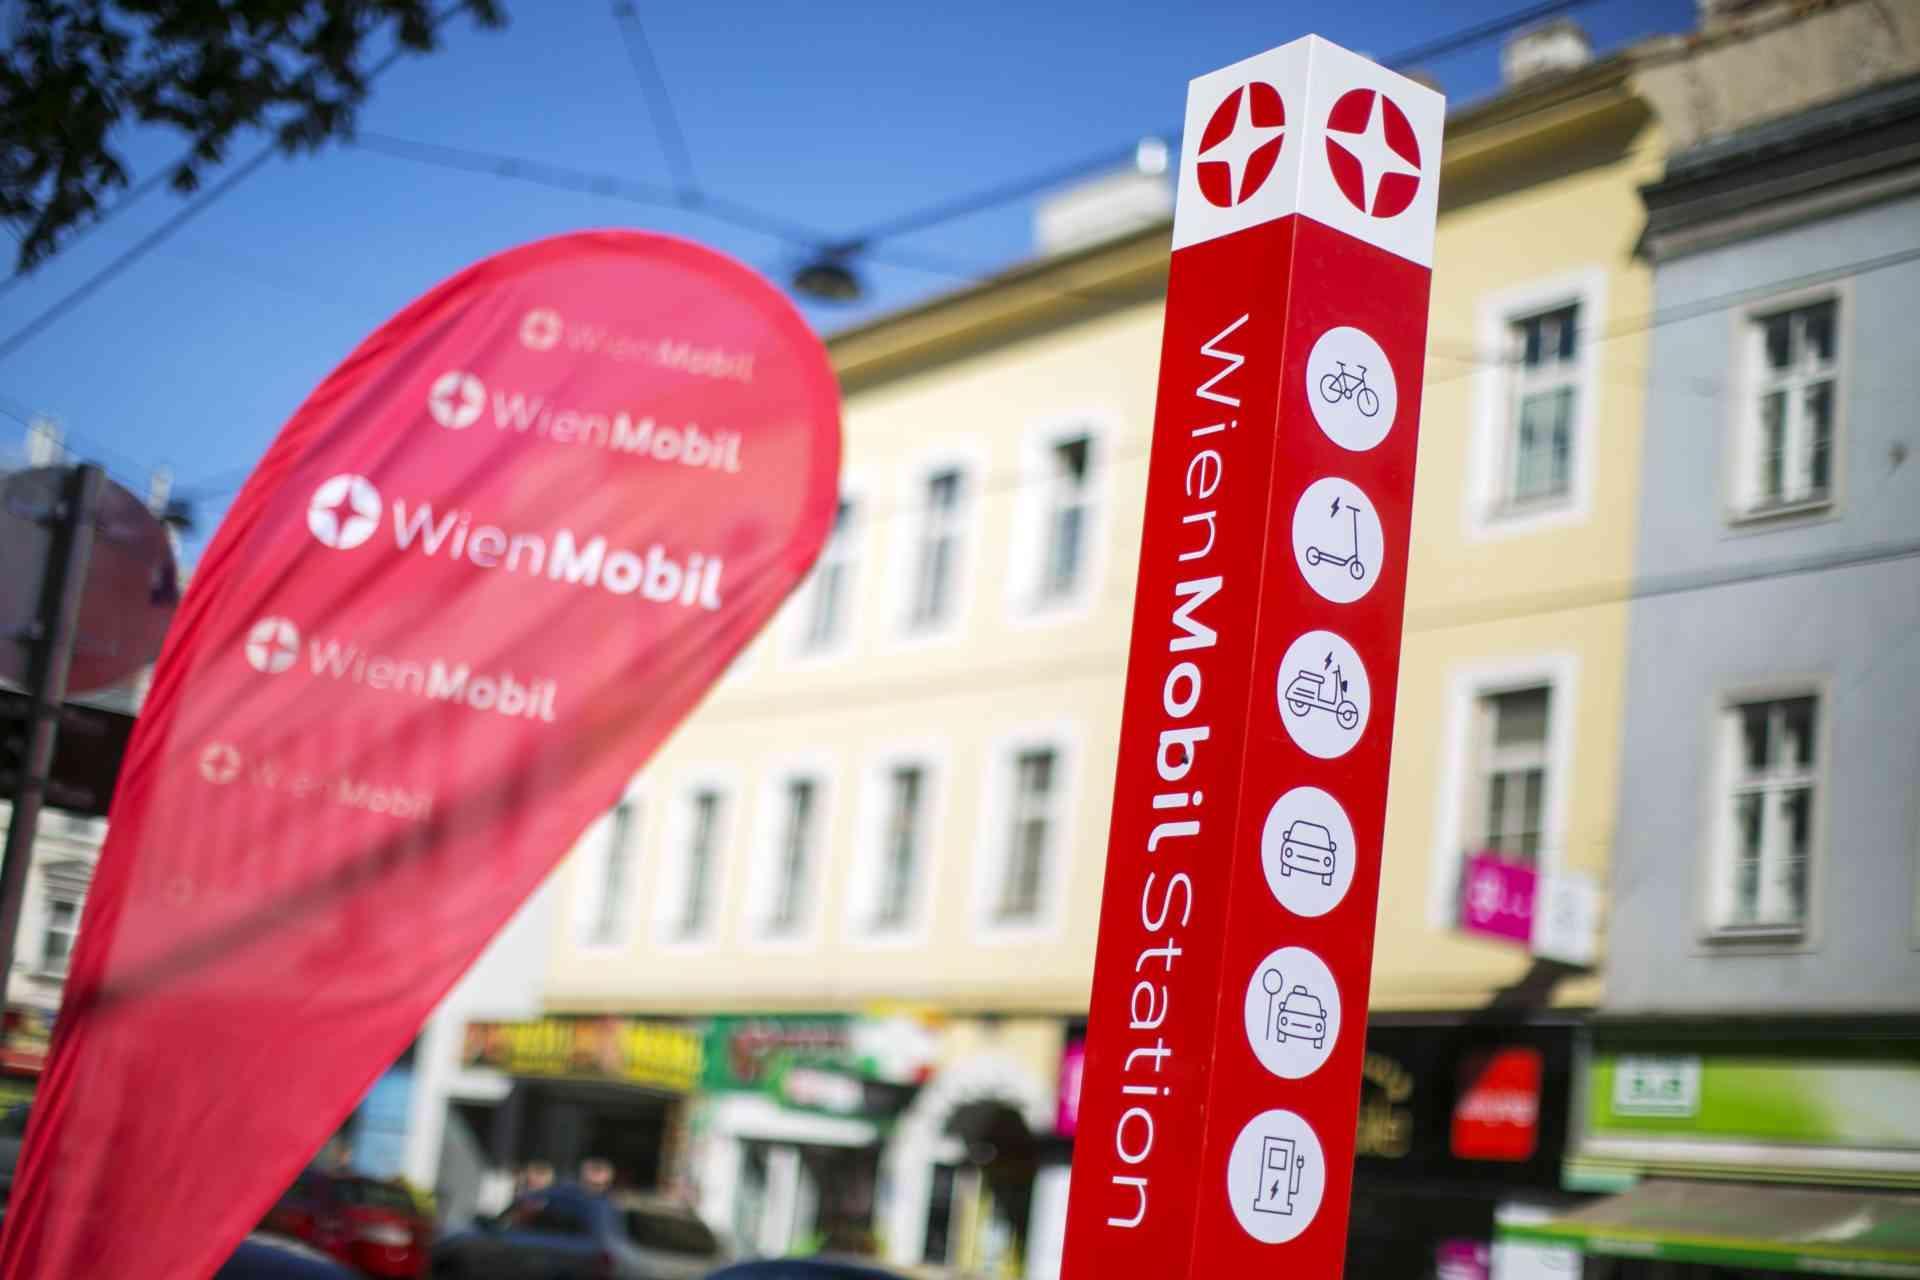 WienMobil-Stationen verknüpfen den öffentlichen Verkehr mit Sharing-Angeboten.